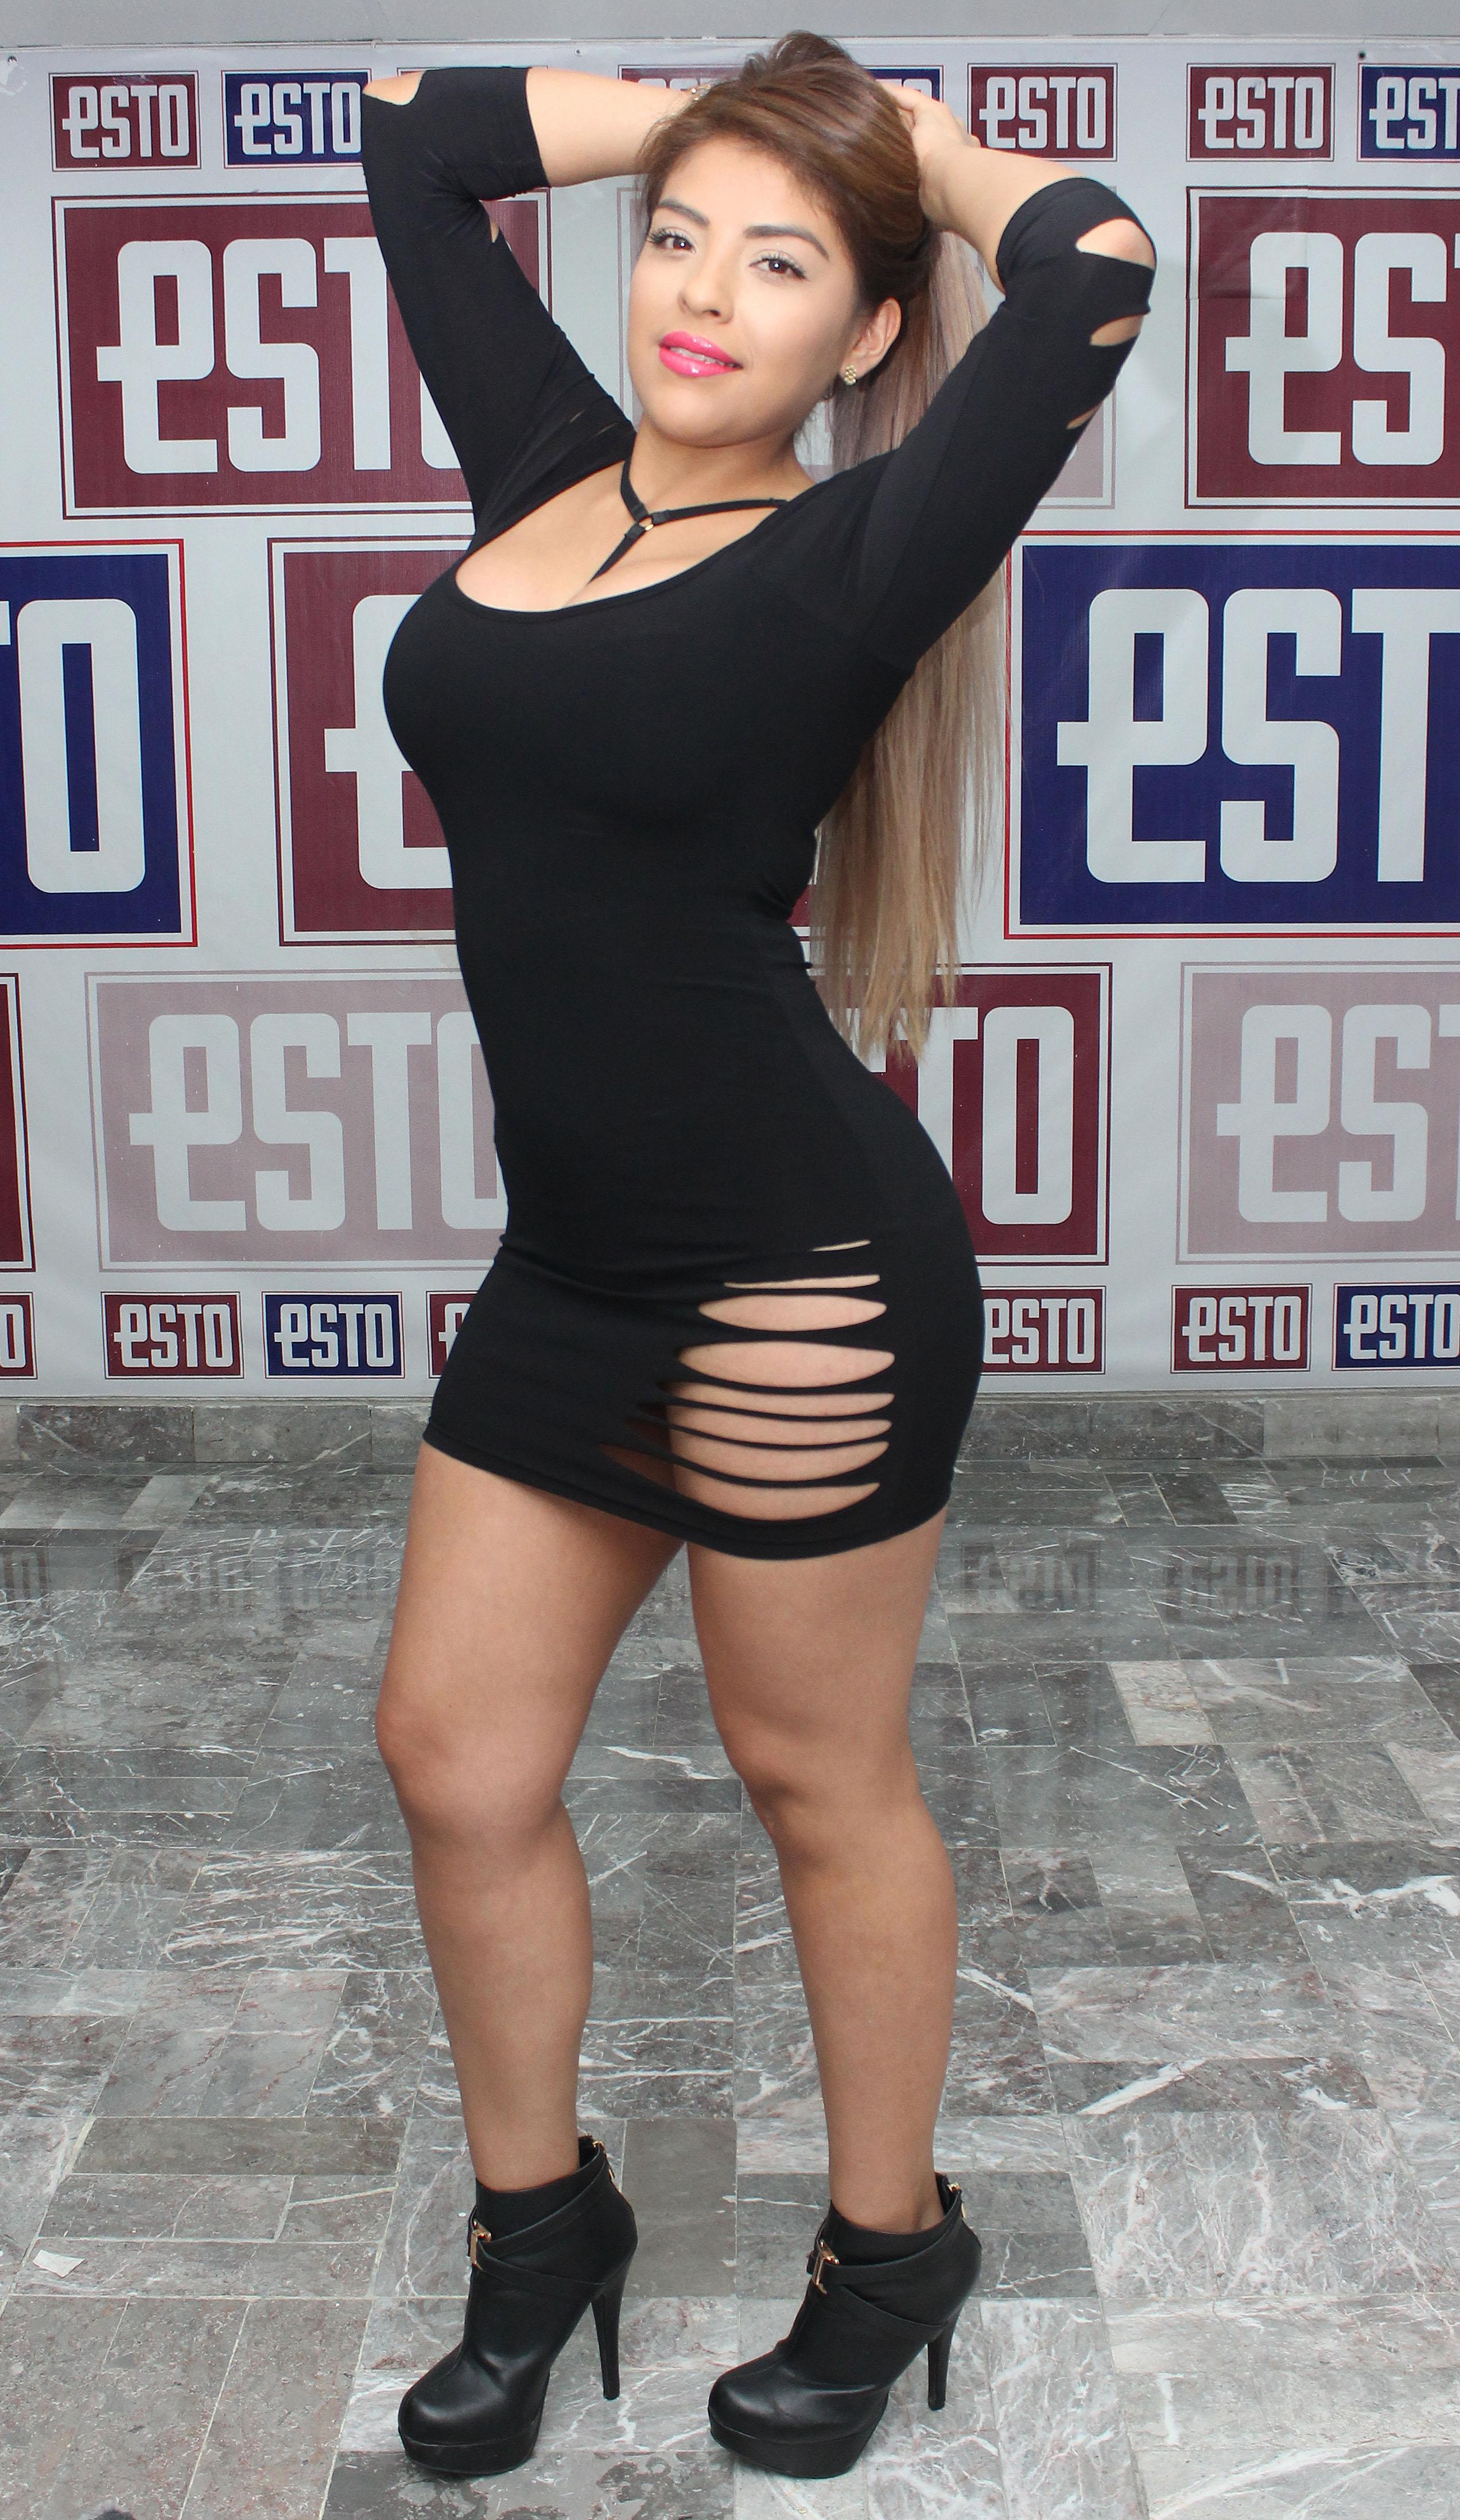 yessica 1